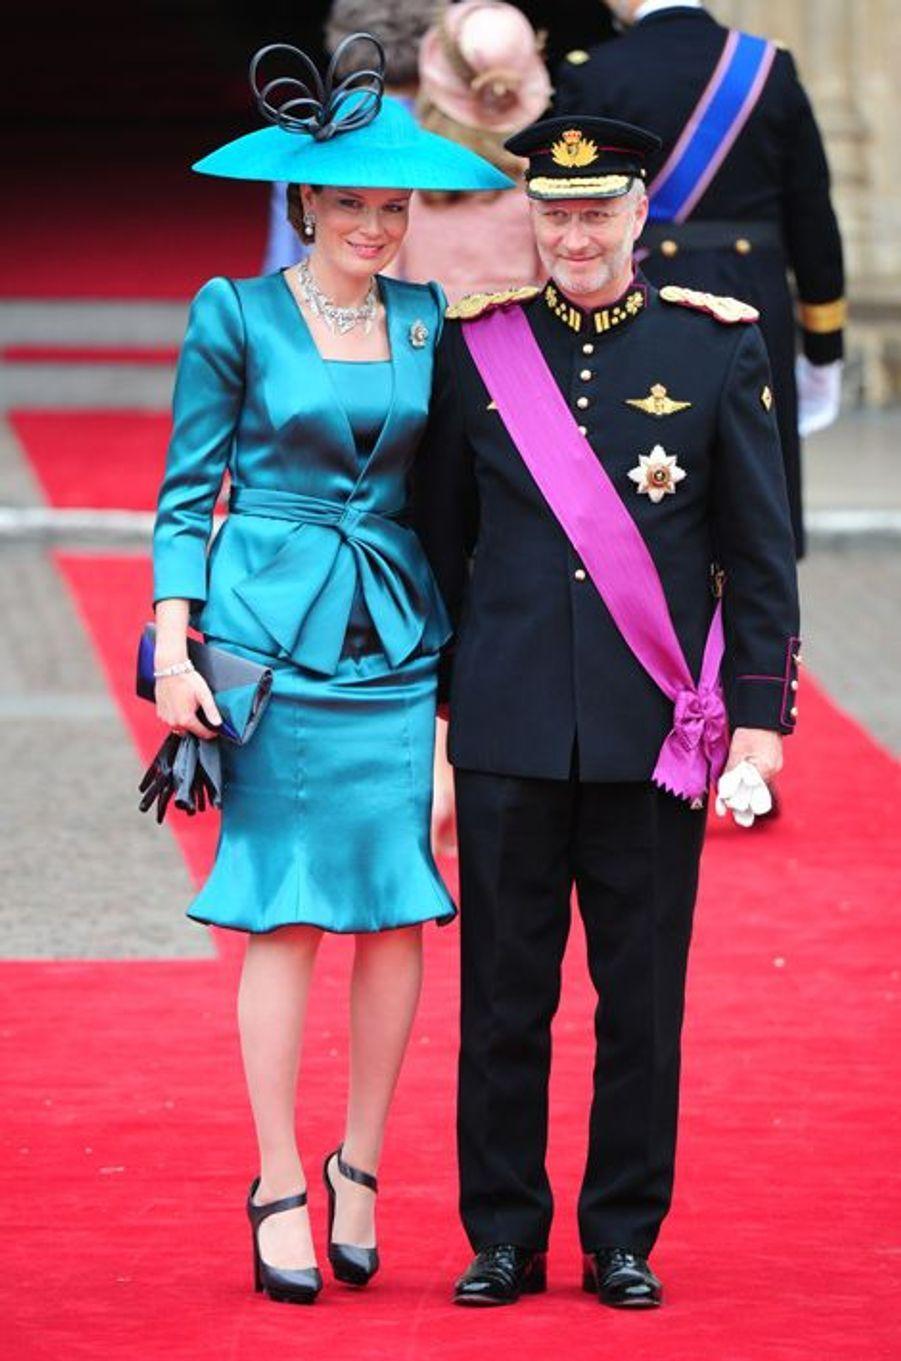 La princesse Mathilde de Belgique, le 29 avril 2011